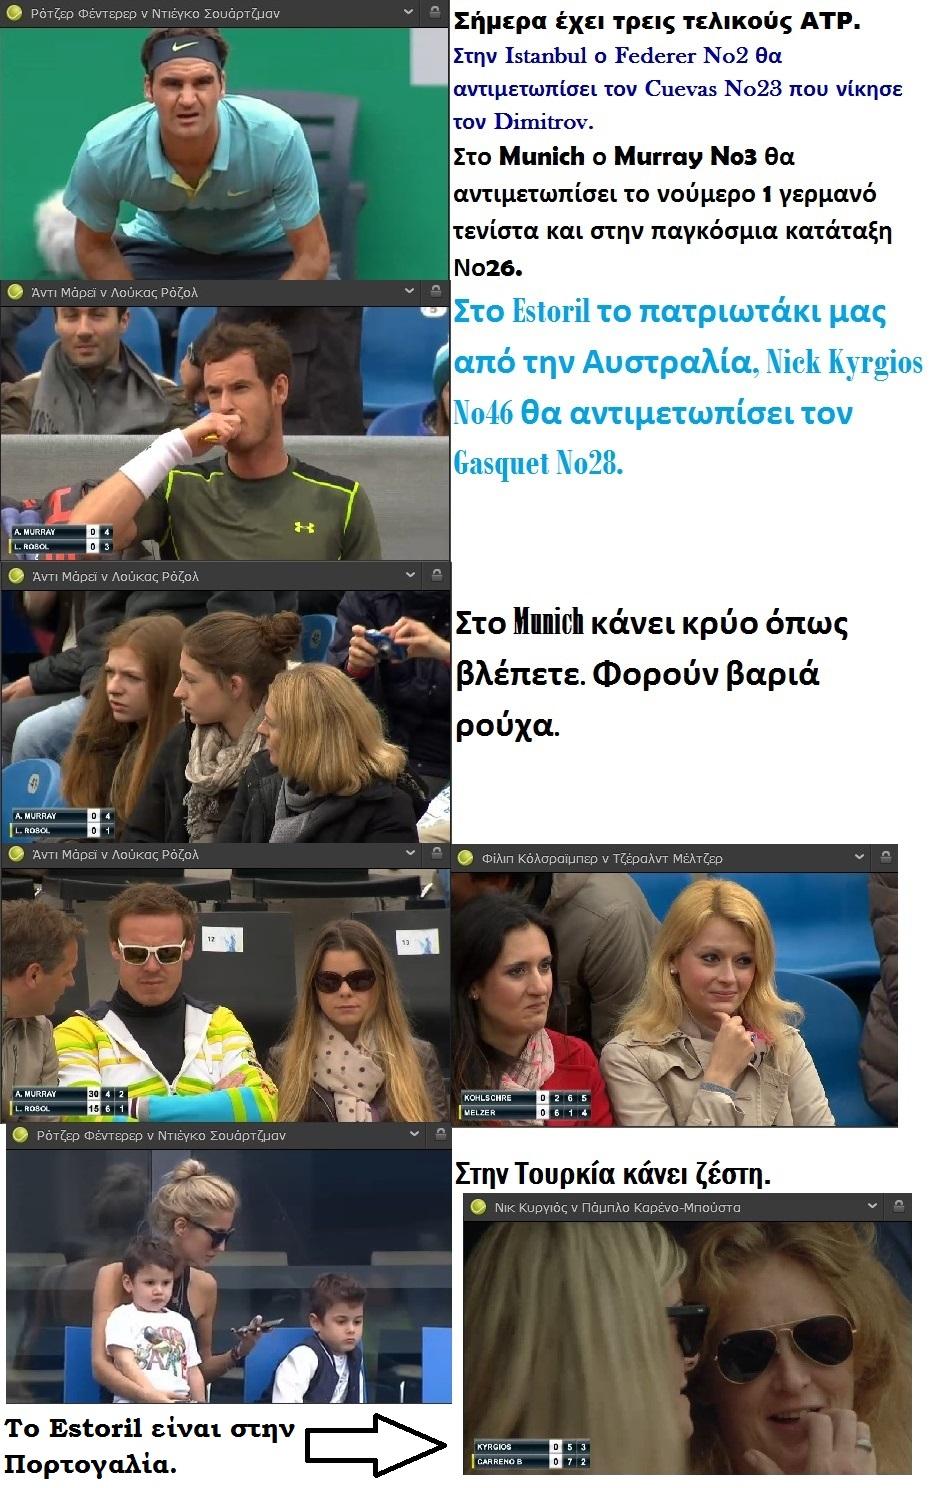 TENNIS ATP FEDERER MURRAY KYRGIOS 01 030515